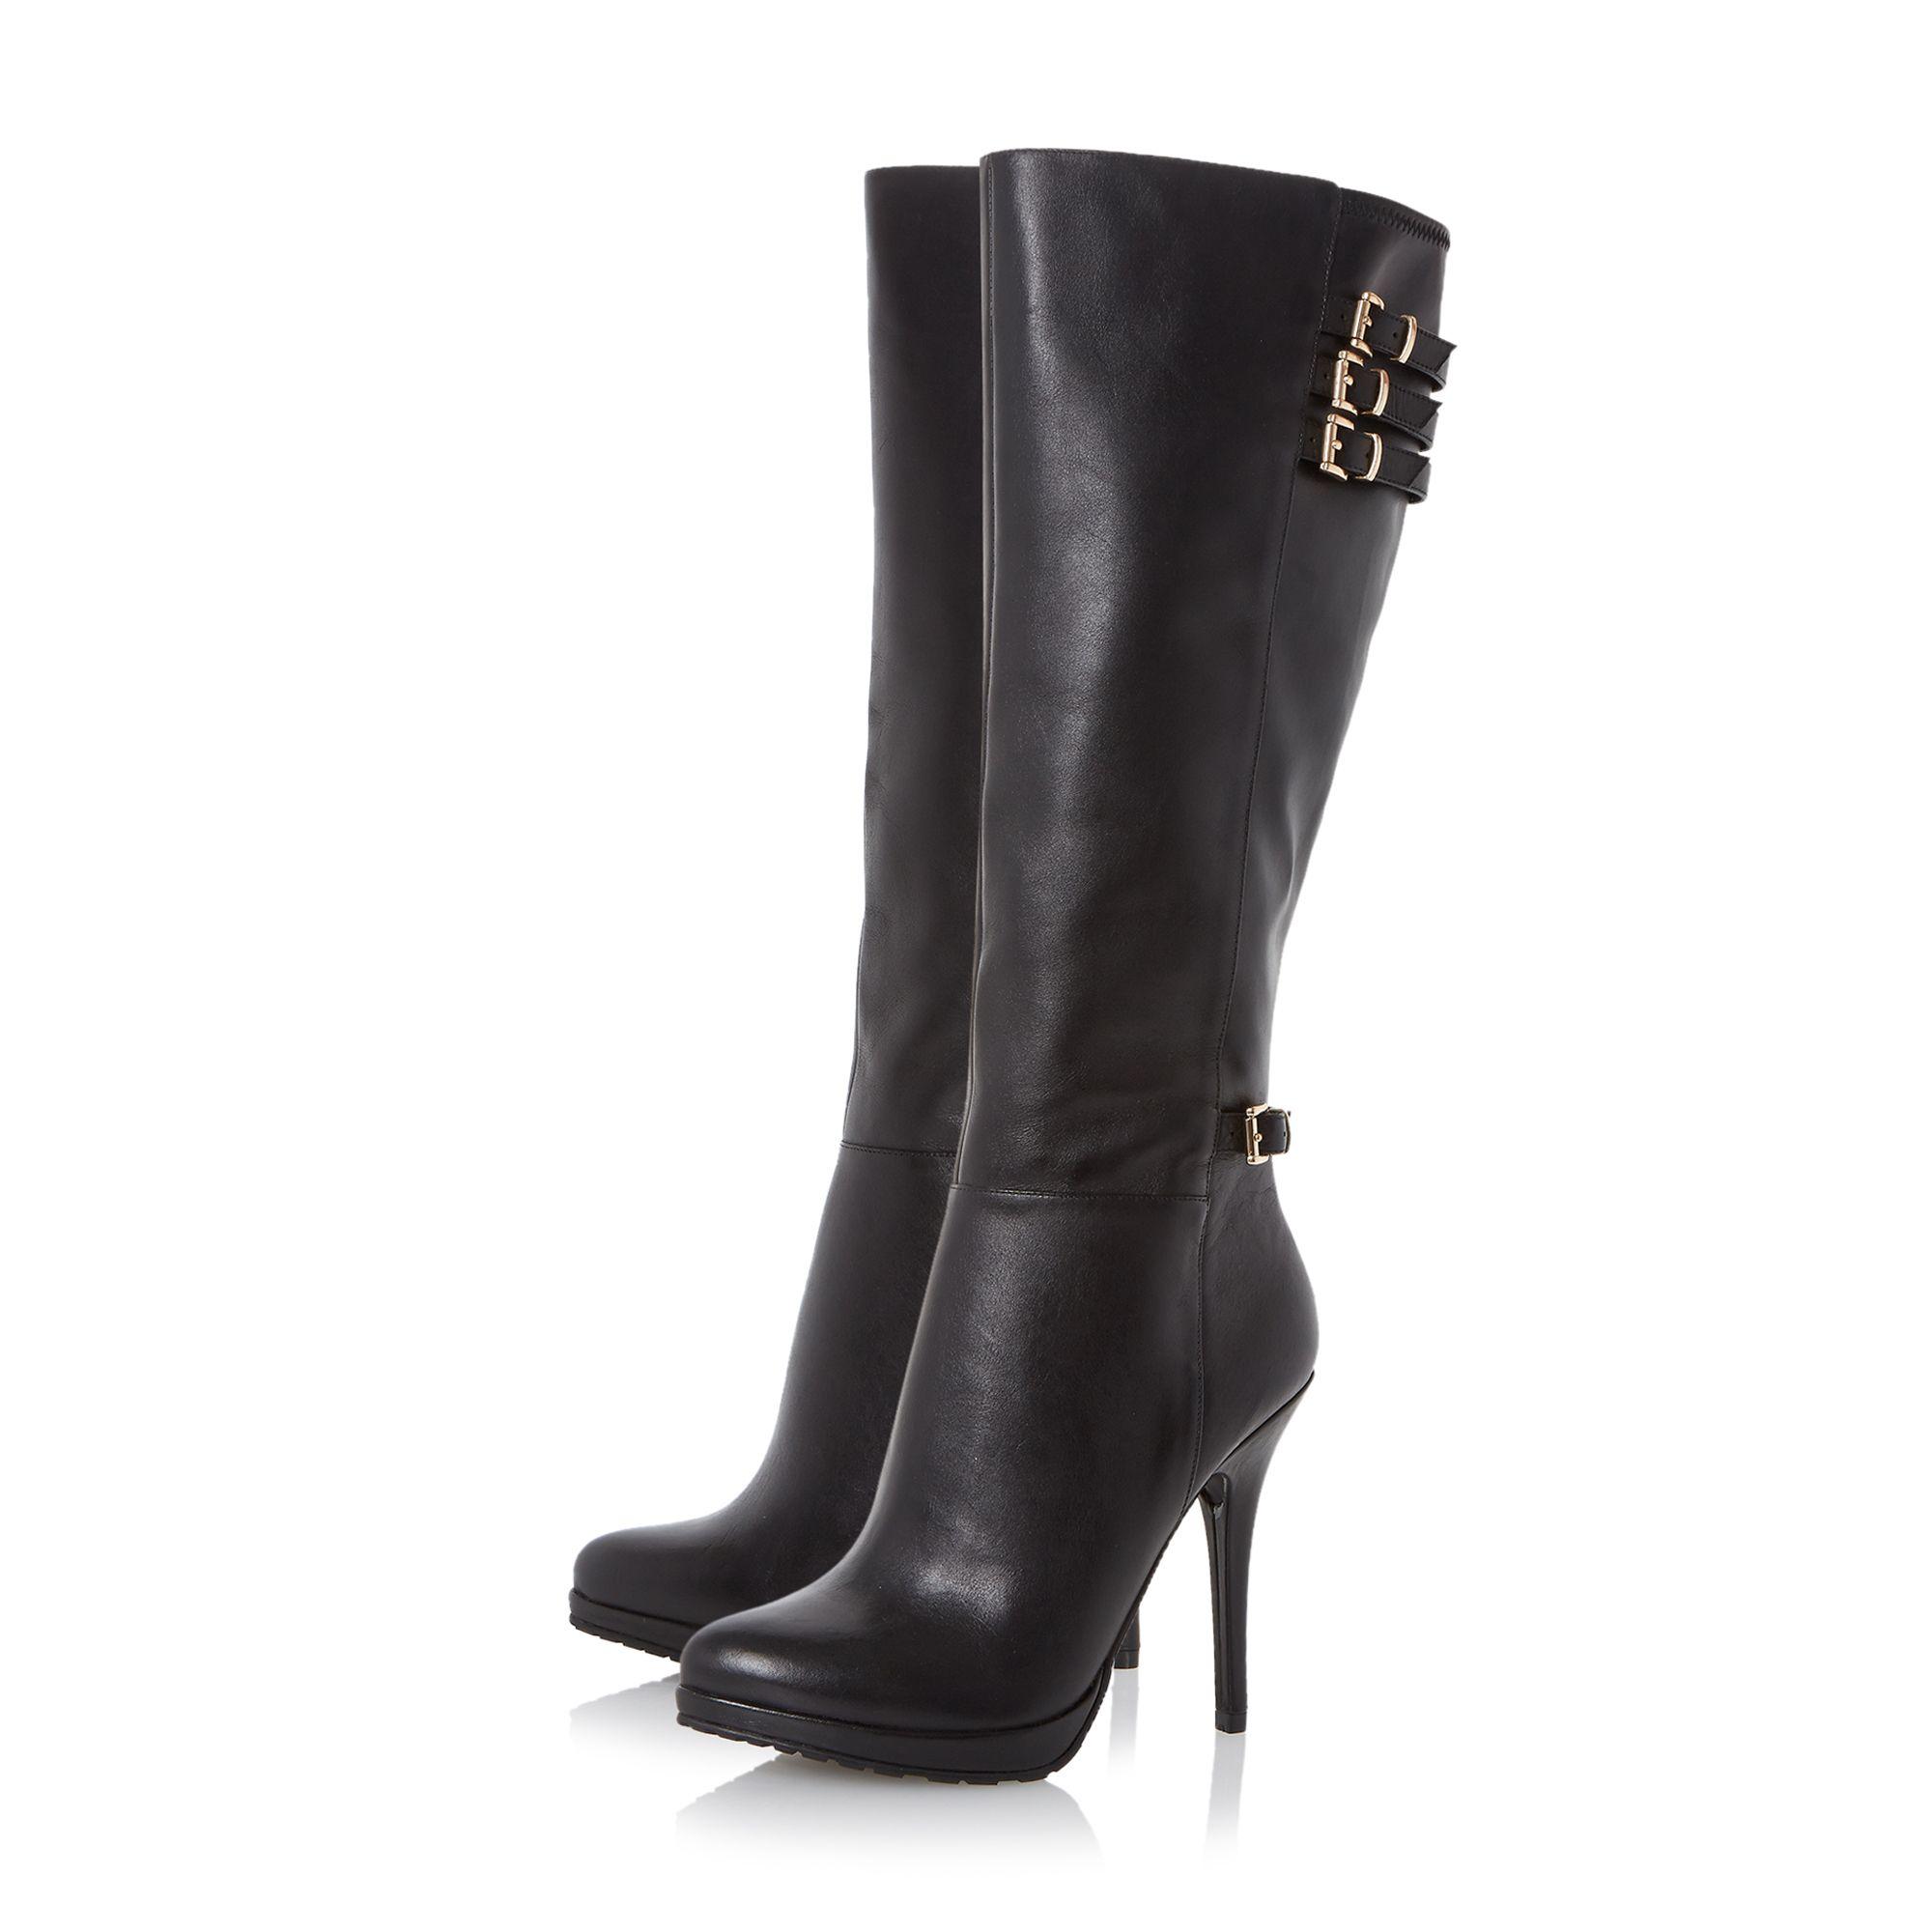 dune snitchee high heel knee high boots in black black